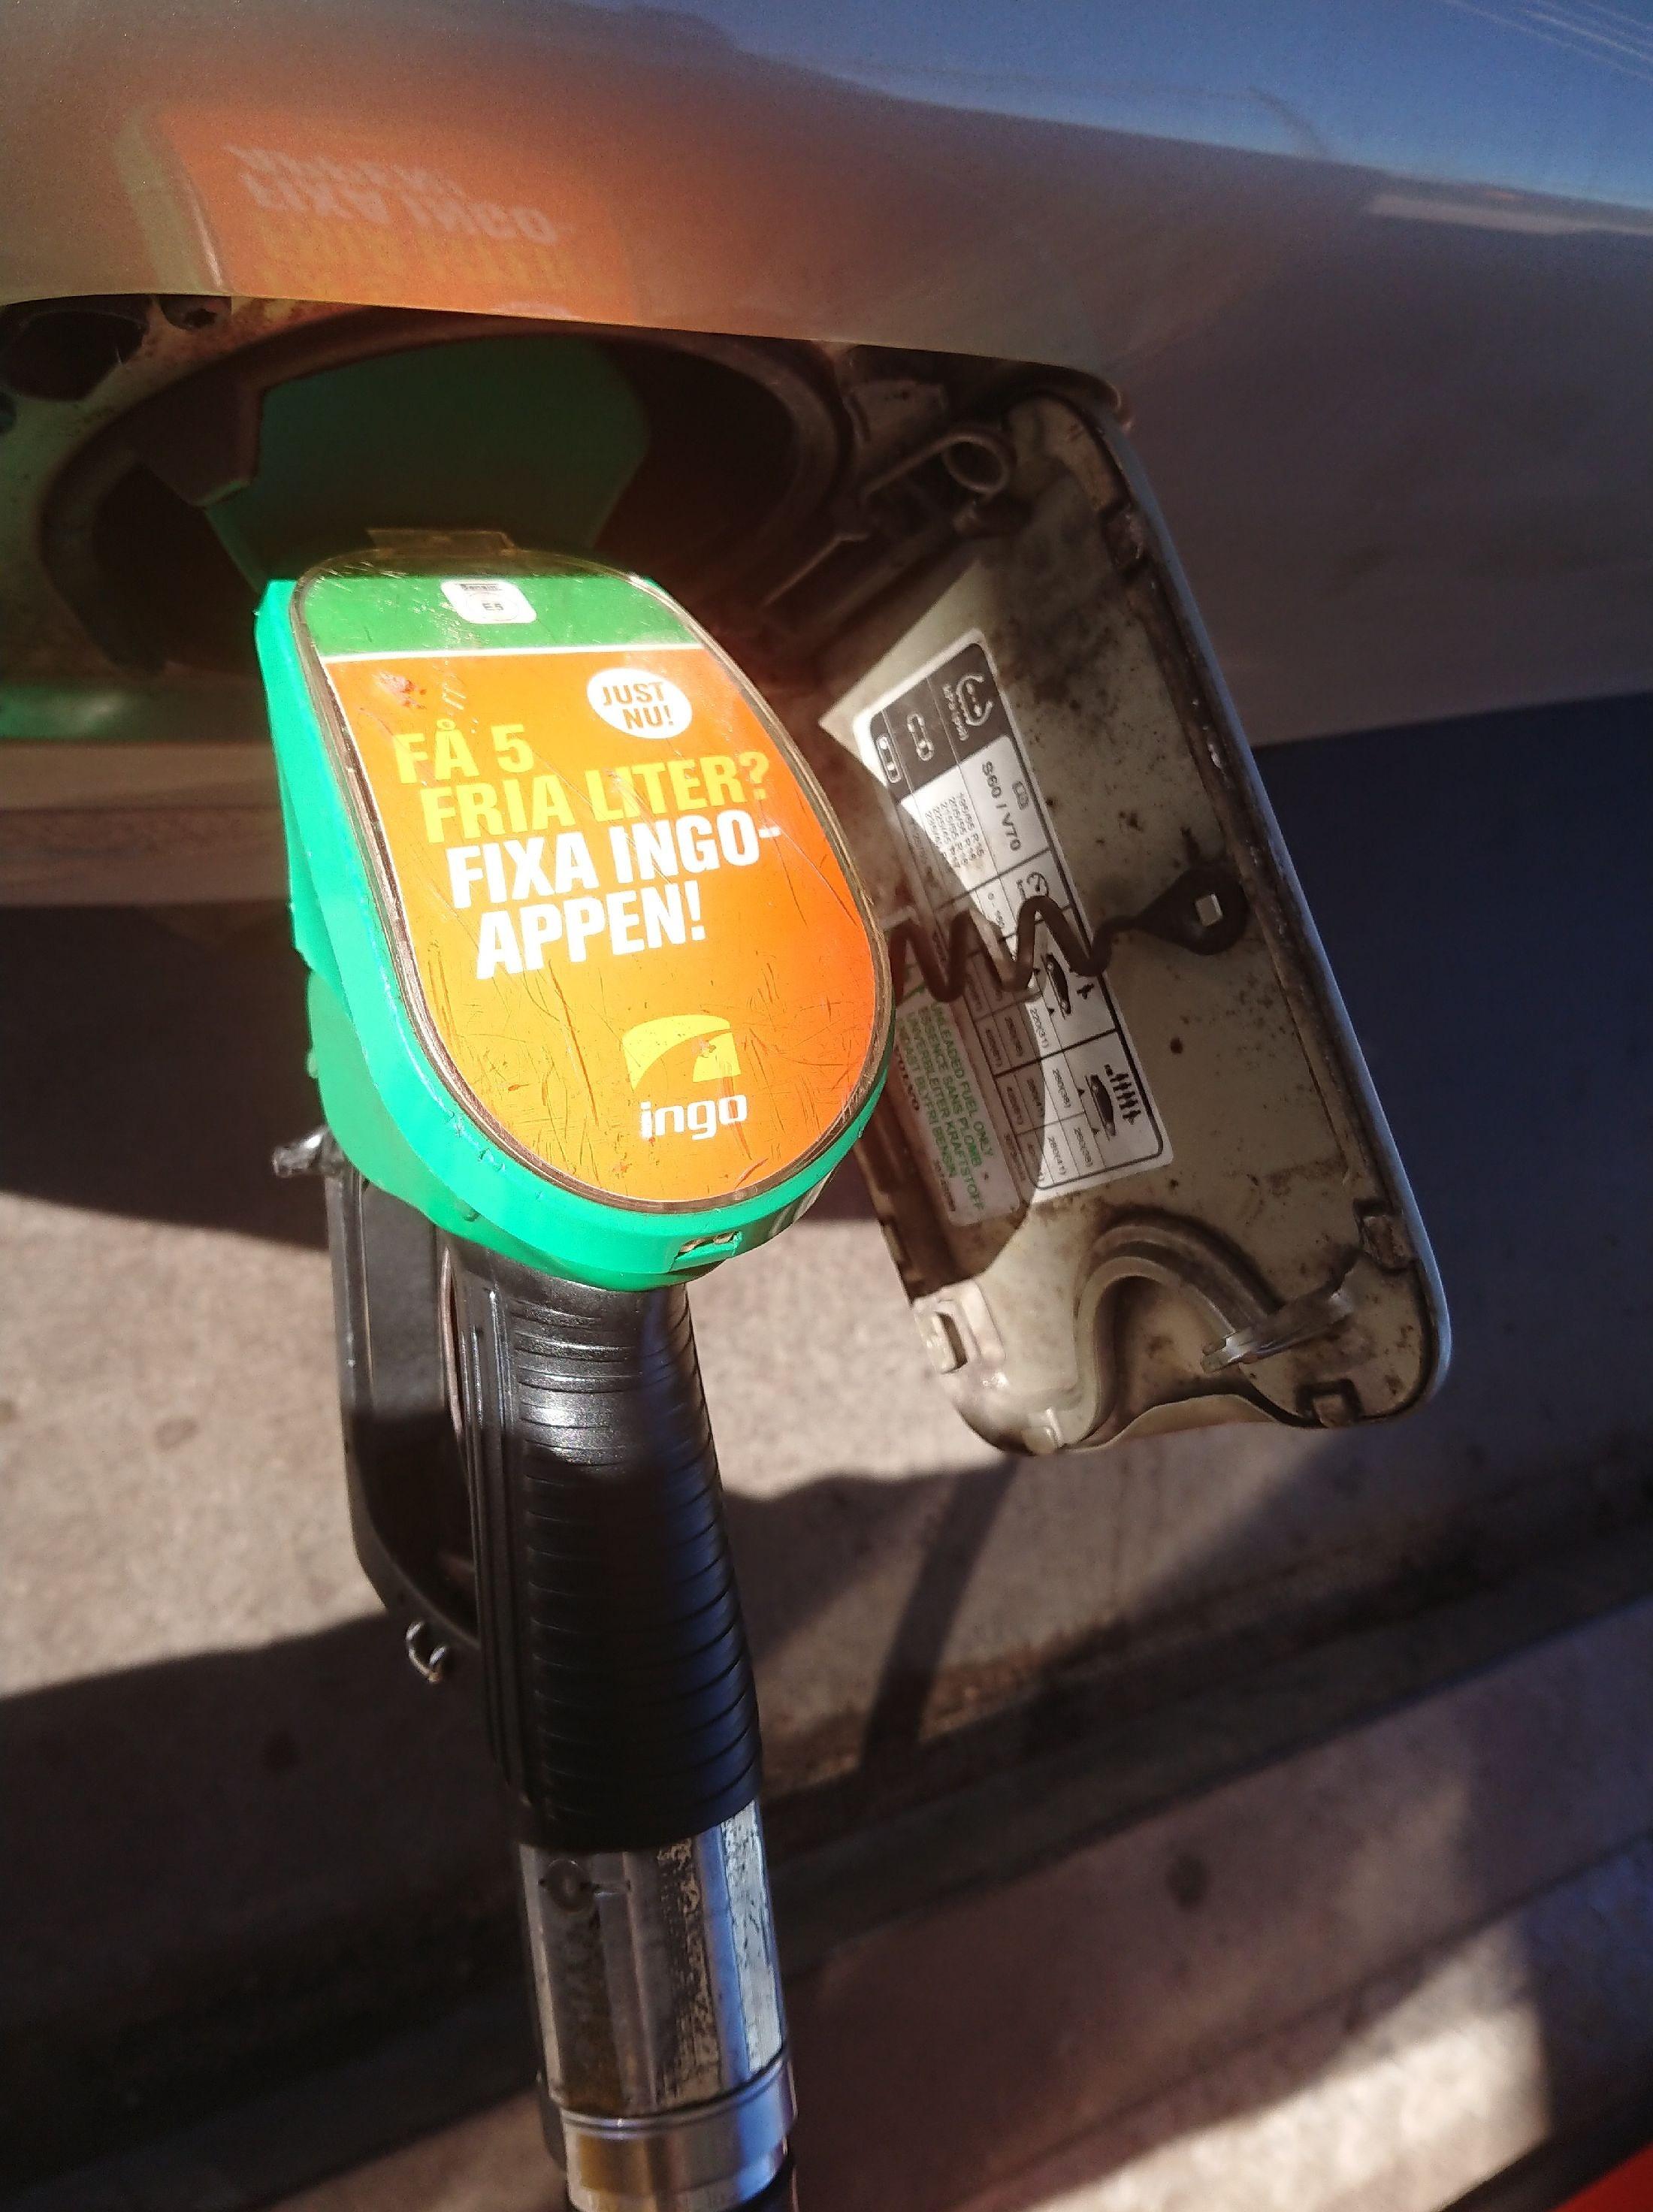 Ingo. 5 liter gratis